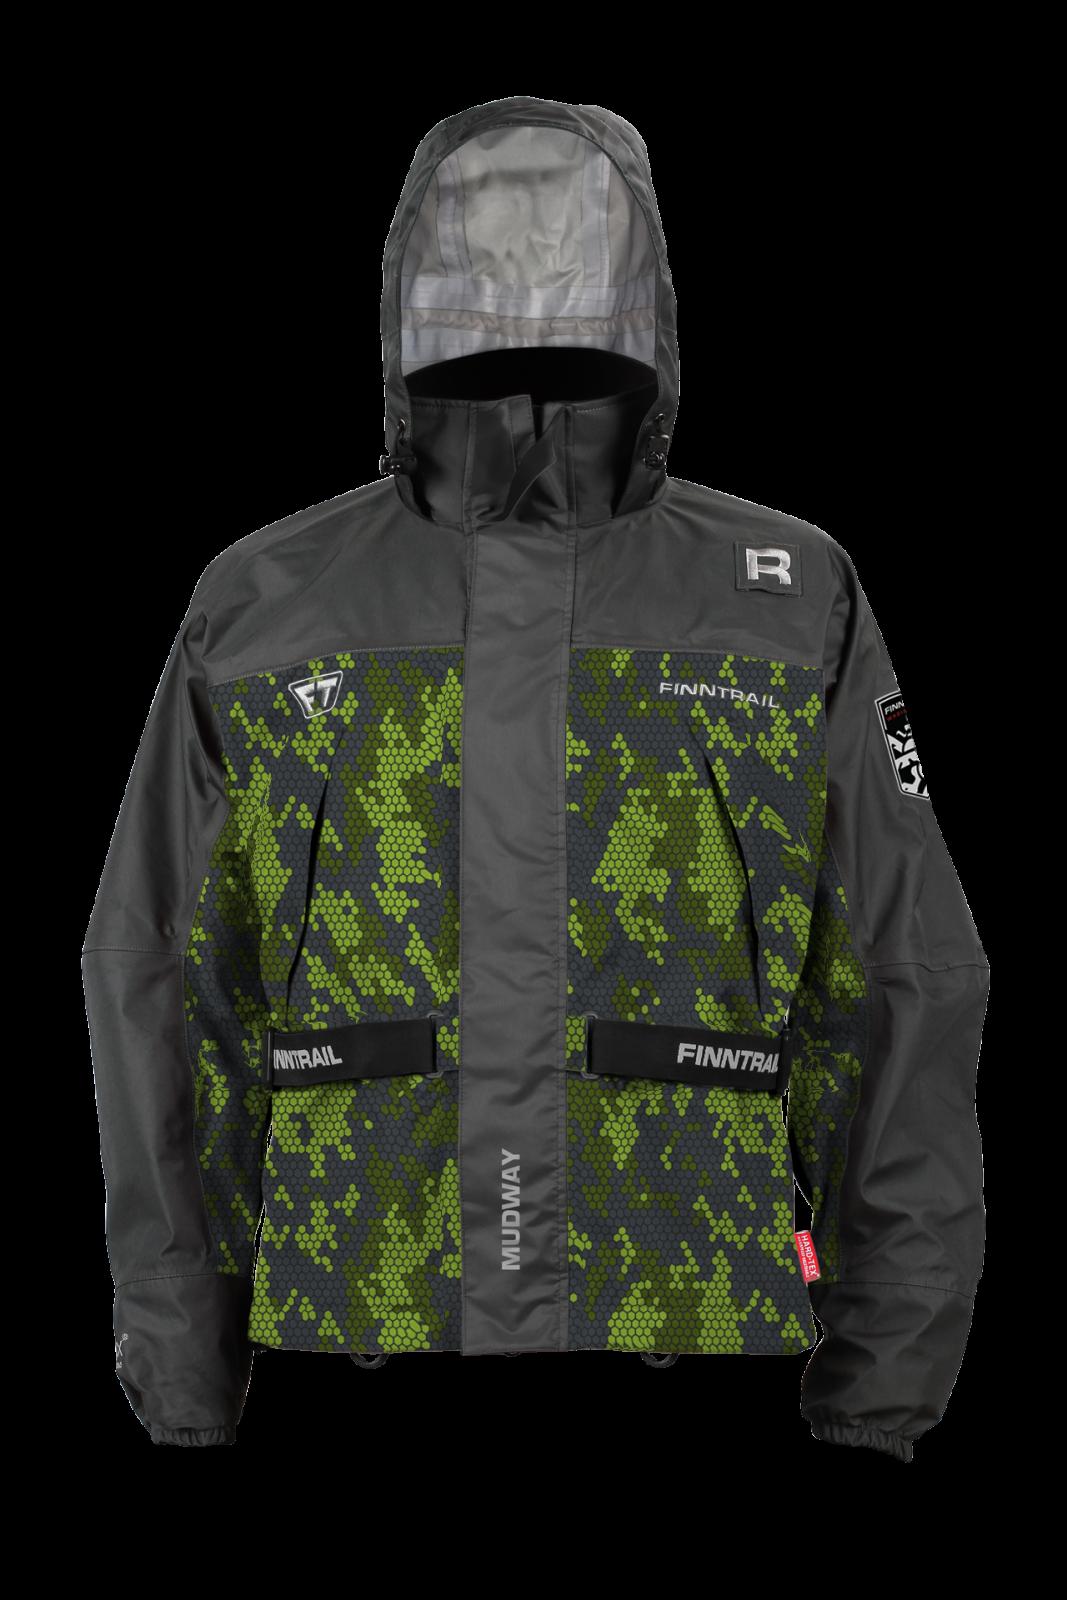 Finntrail Jacket Mudway CamoGreen